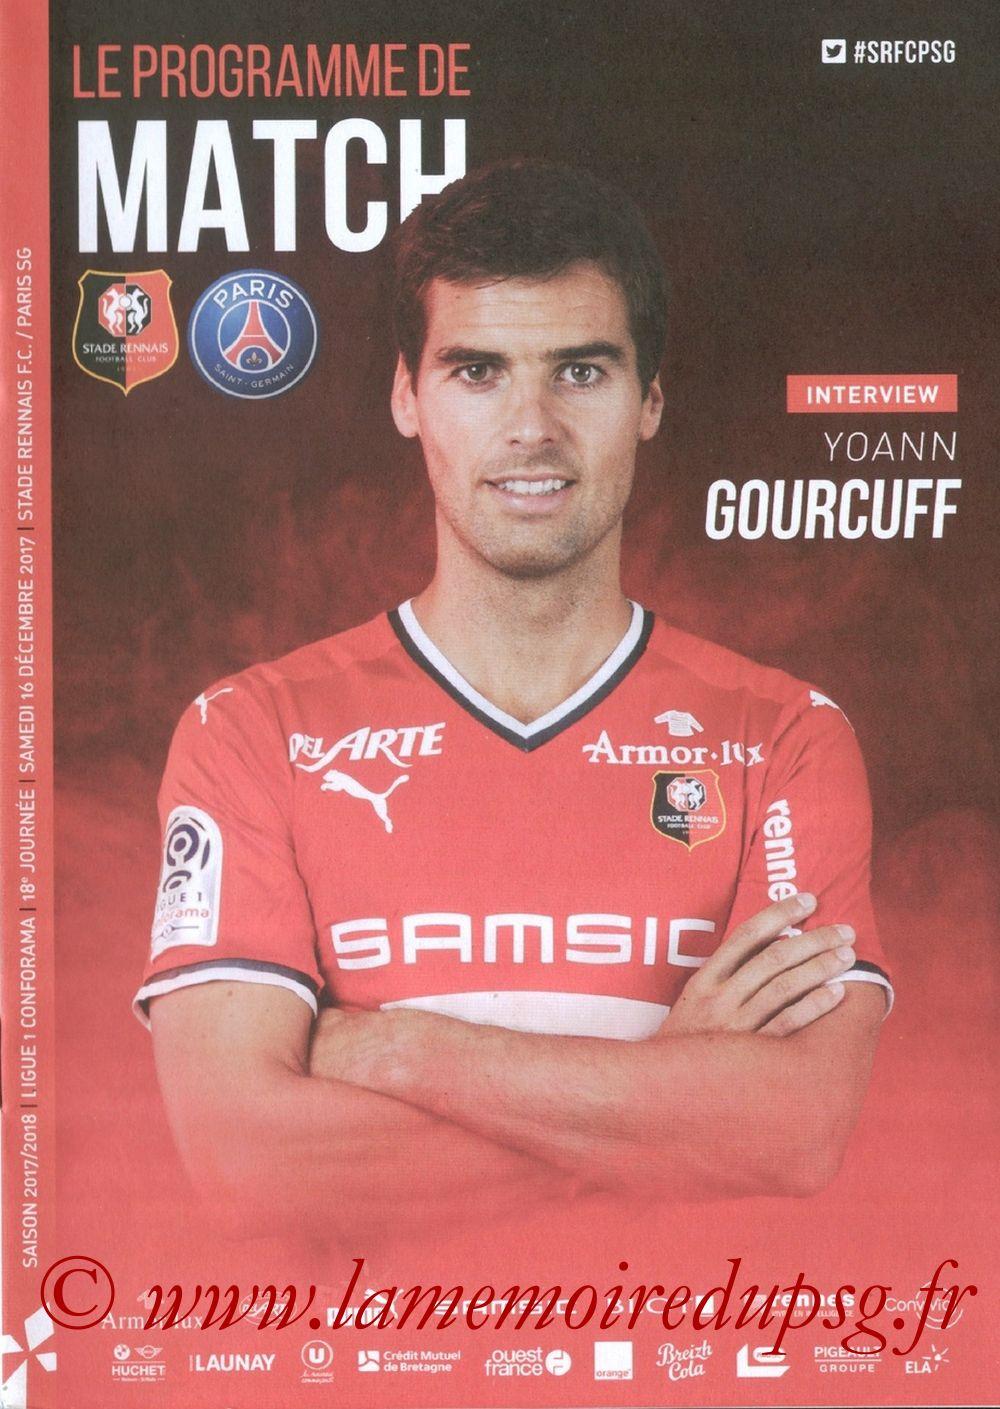 2017-12-16  Rennes-PSG (18ème L1, Le Programme de match)